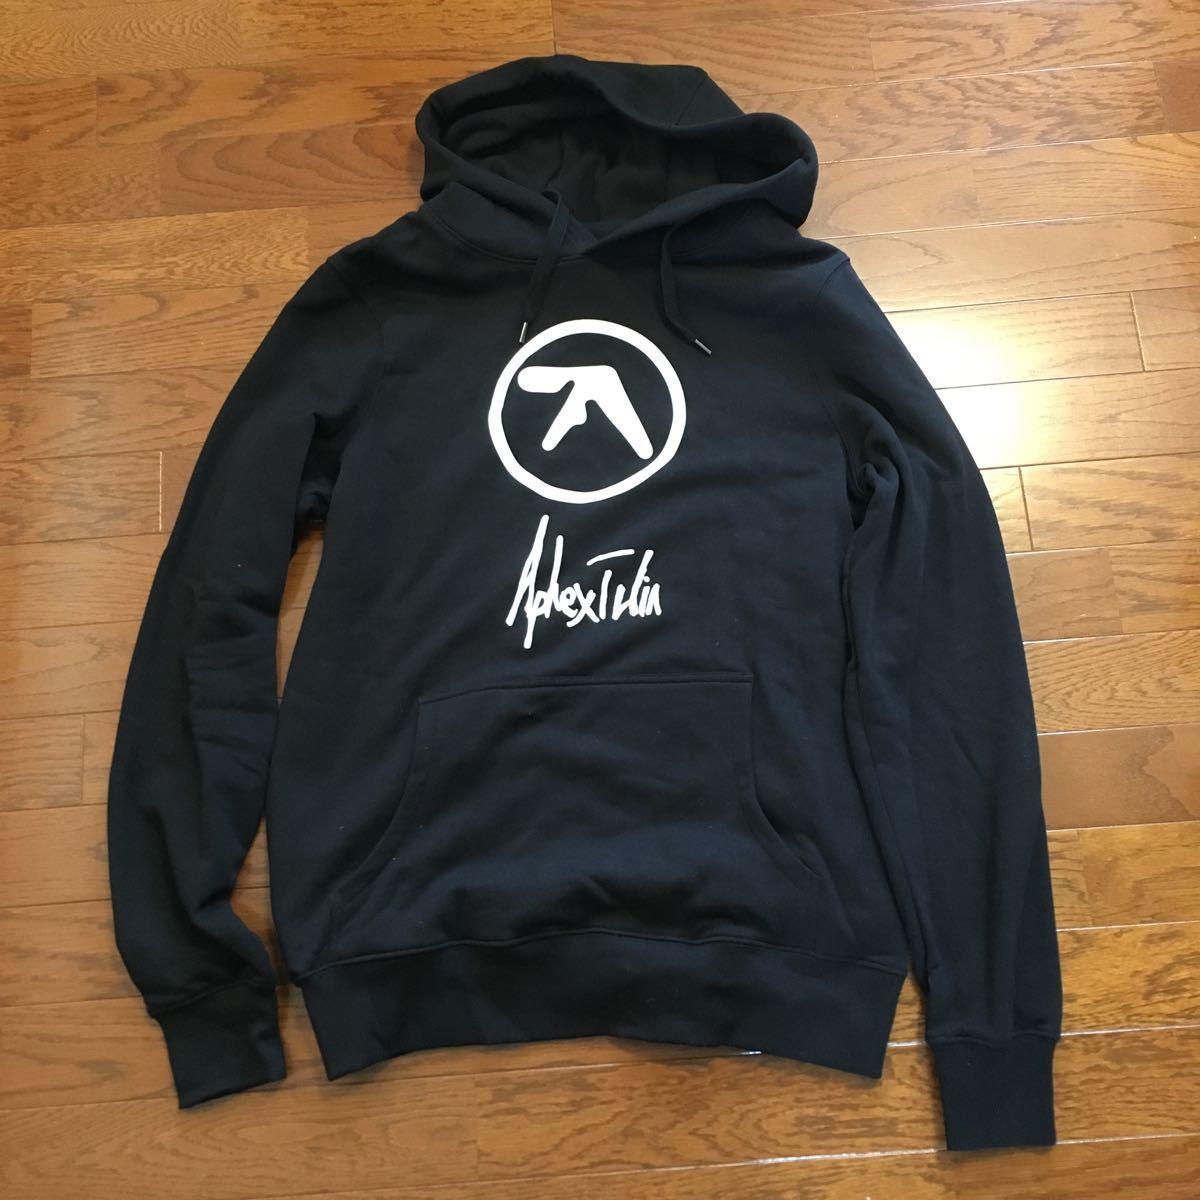 Aphex Twin エイフェックスツイン スウェットパーカー Mサイズ 公式グッズ 海外公式サイト購入